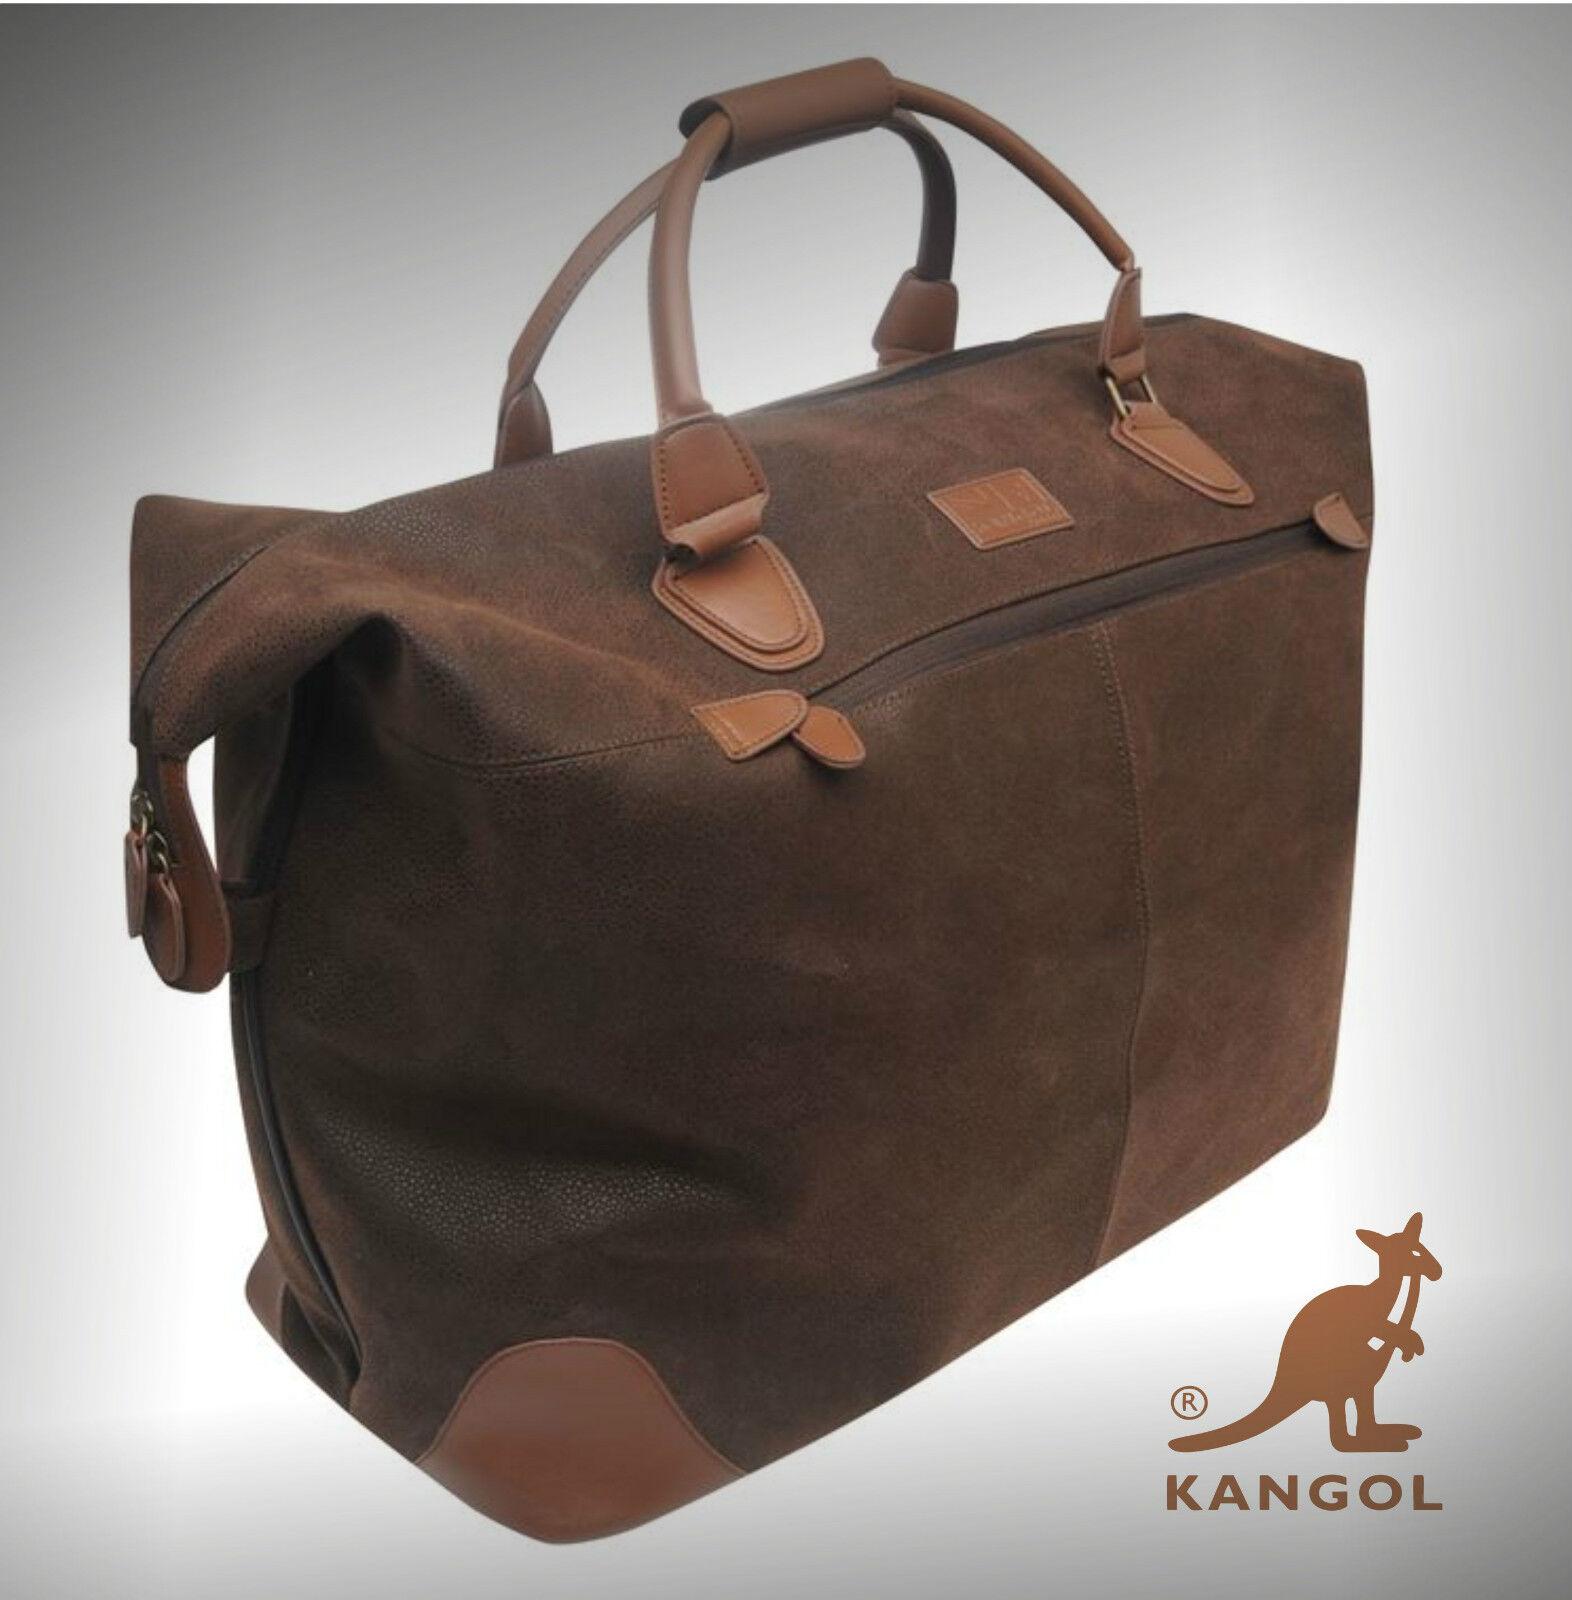 Autentico Designer Kangol Viaggi Borsa Overnight Holdal Bagaglio a Mano Borsa Marronee